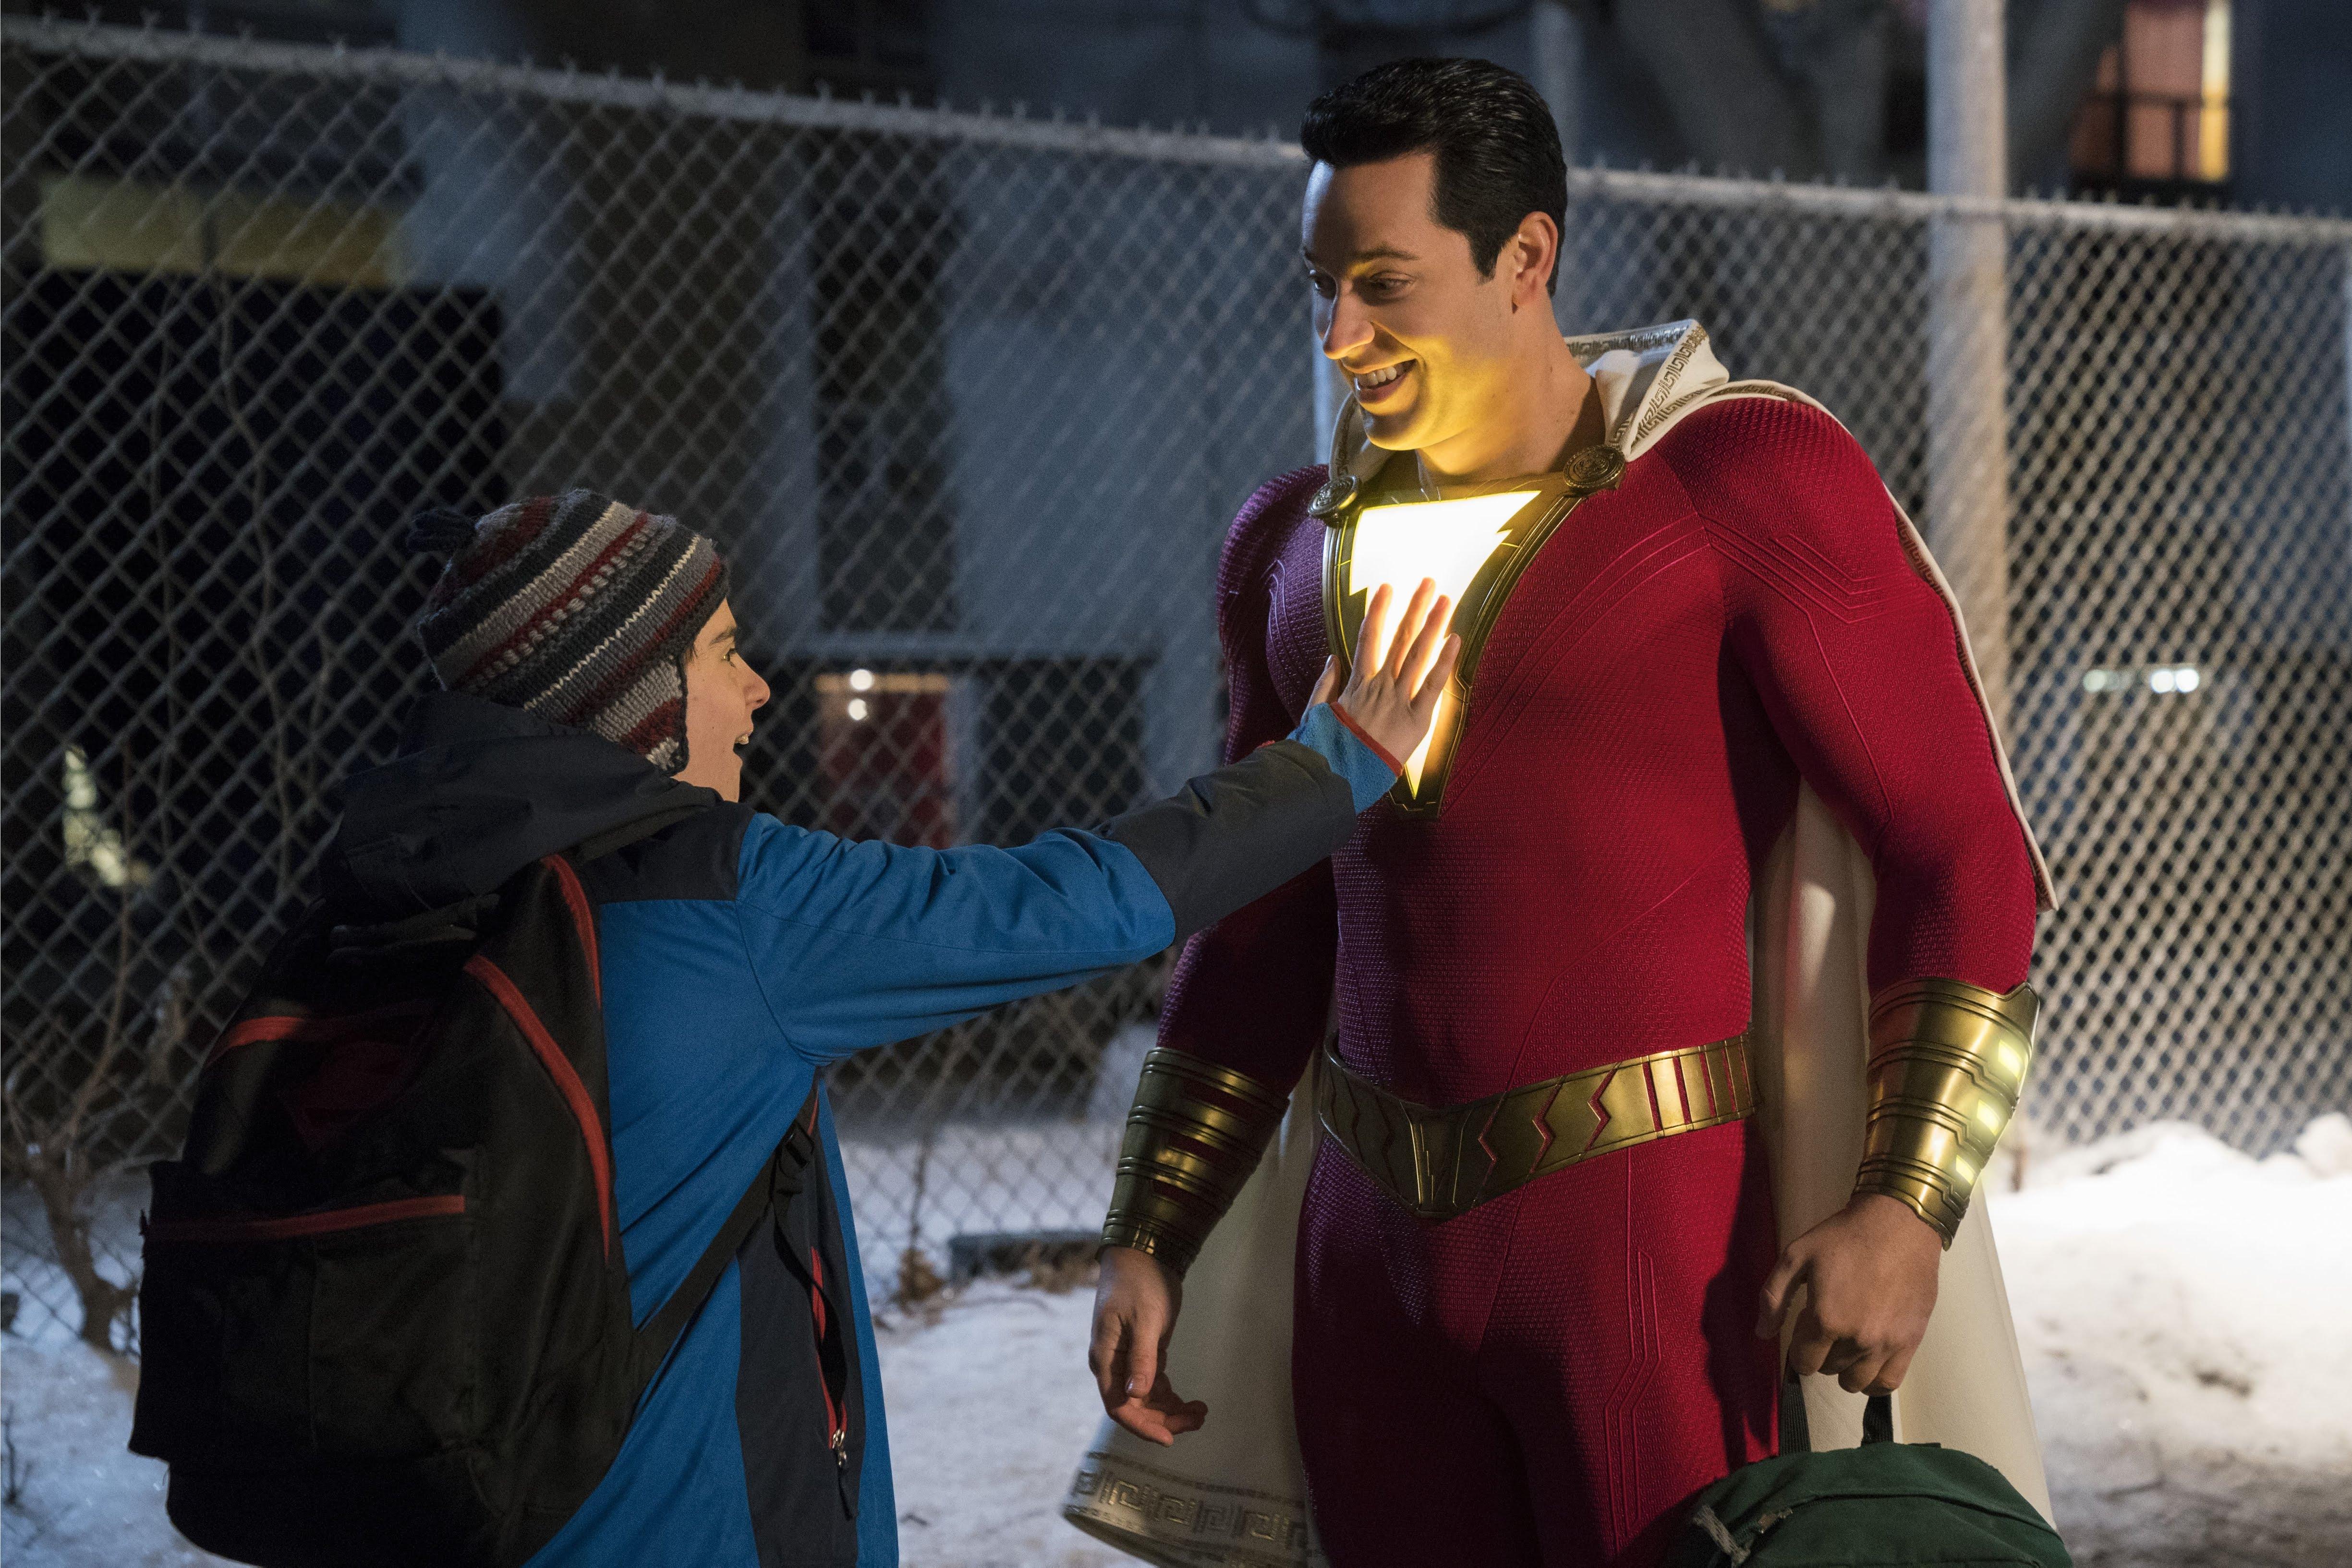 Shazam! : 本日このあと、新しい予告編をご覧頂く予定のDCコミックスのヒーロー映画「シャザム」の新しいポスター ! !